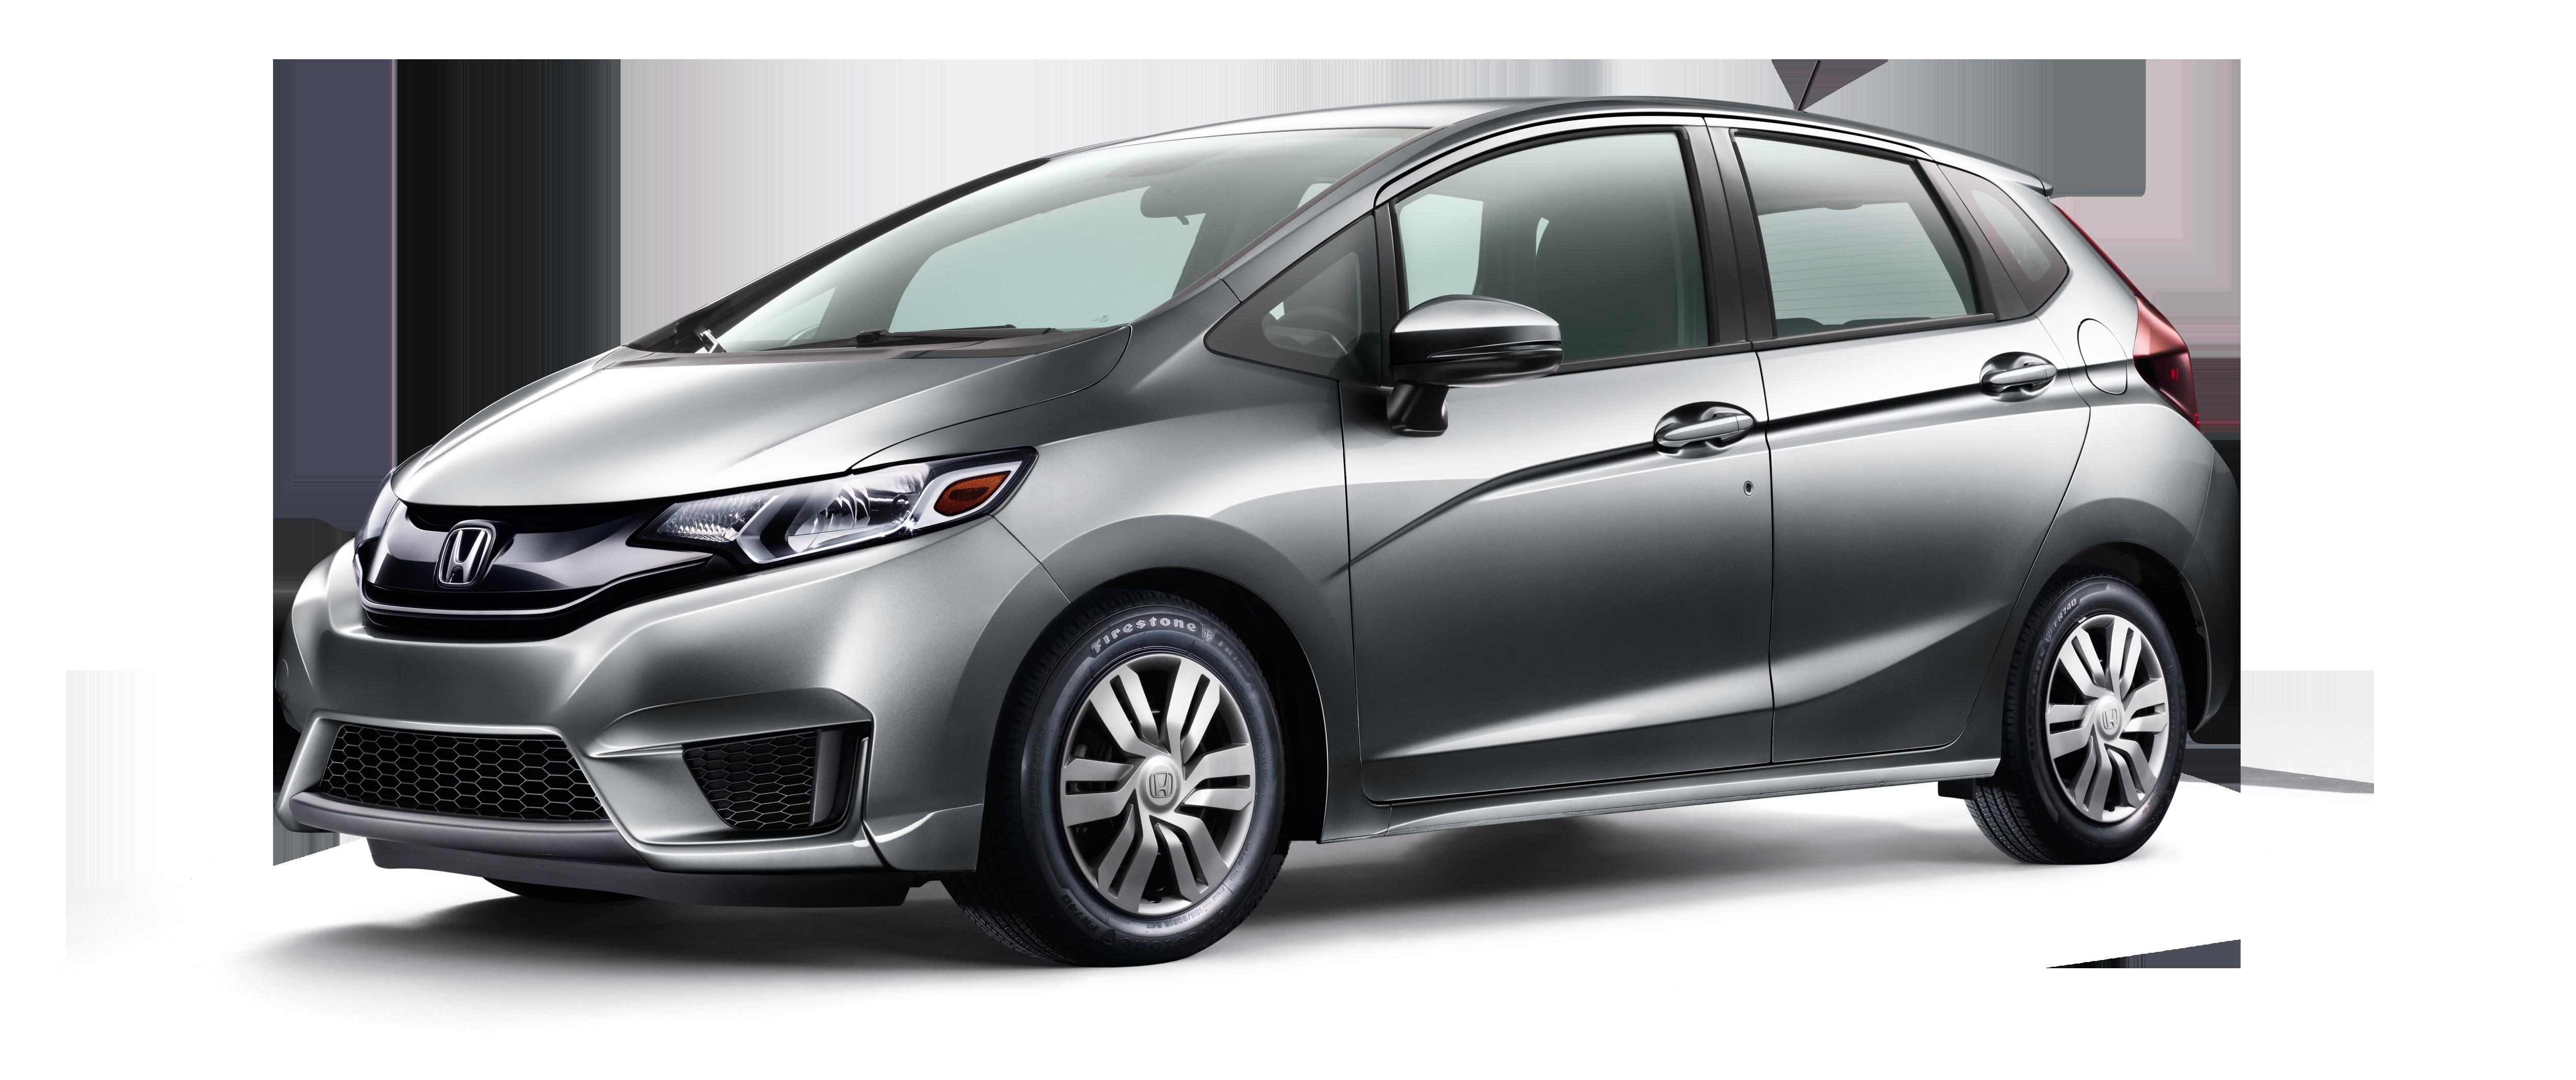 l ex autos attachment jp drive navi ca car drives fit test honda